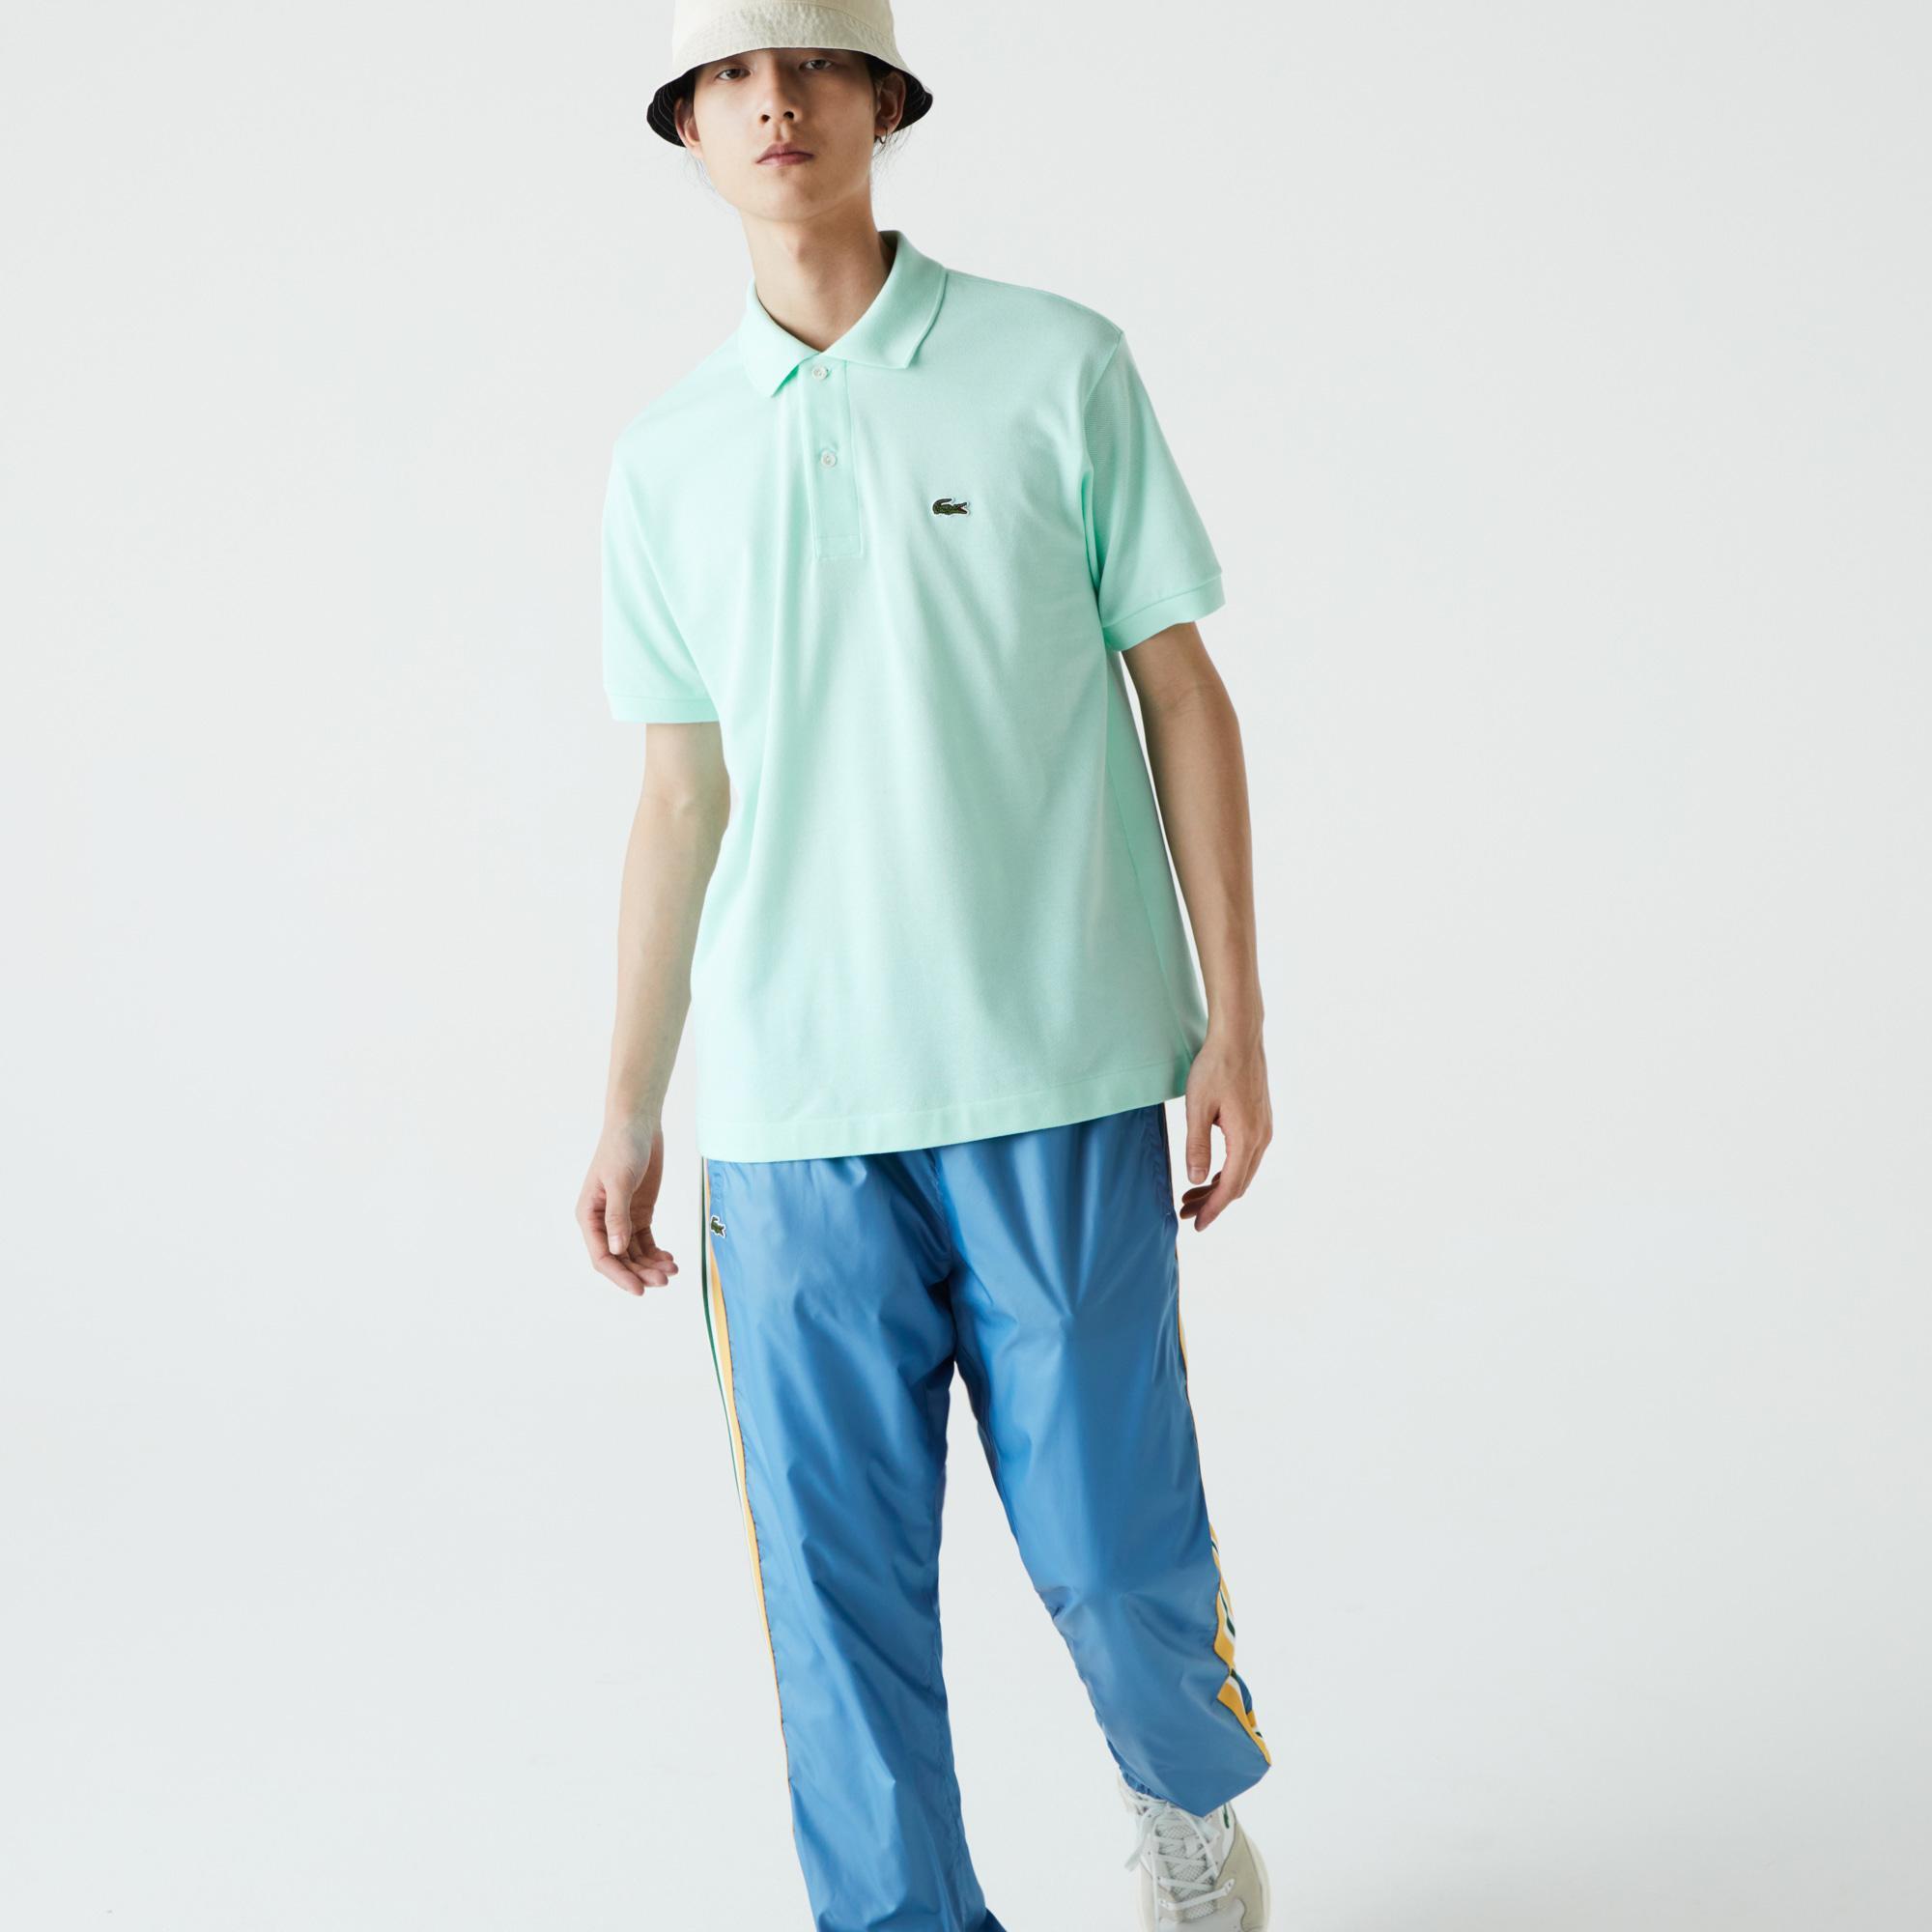 Lacoste Erkek Klasik Fit Açık Yeşil Polo